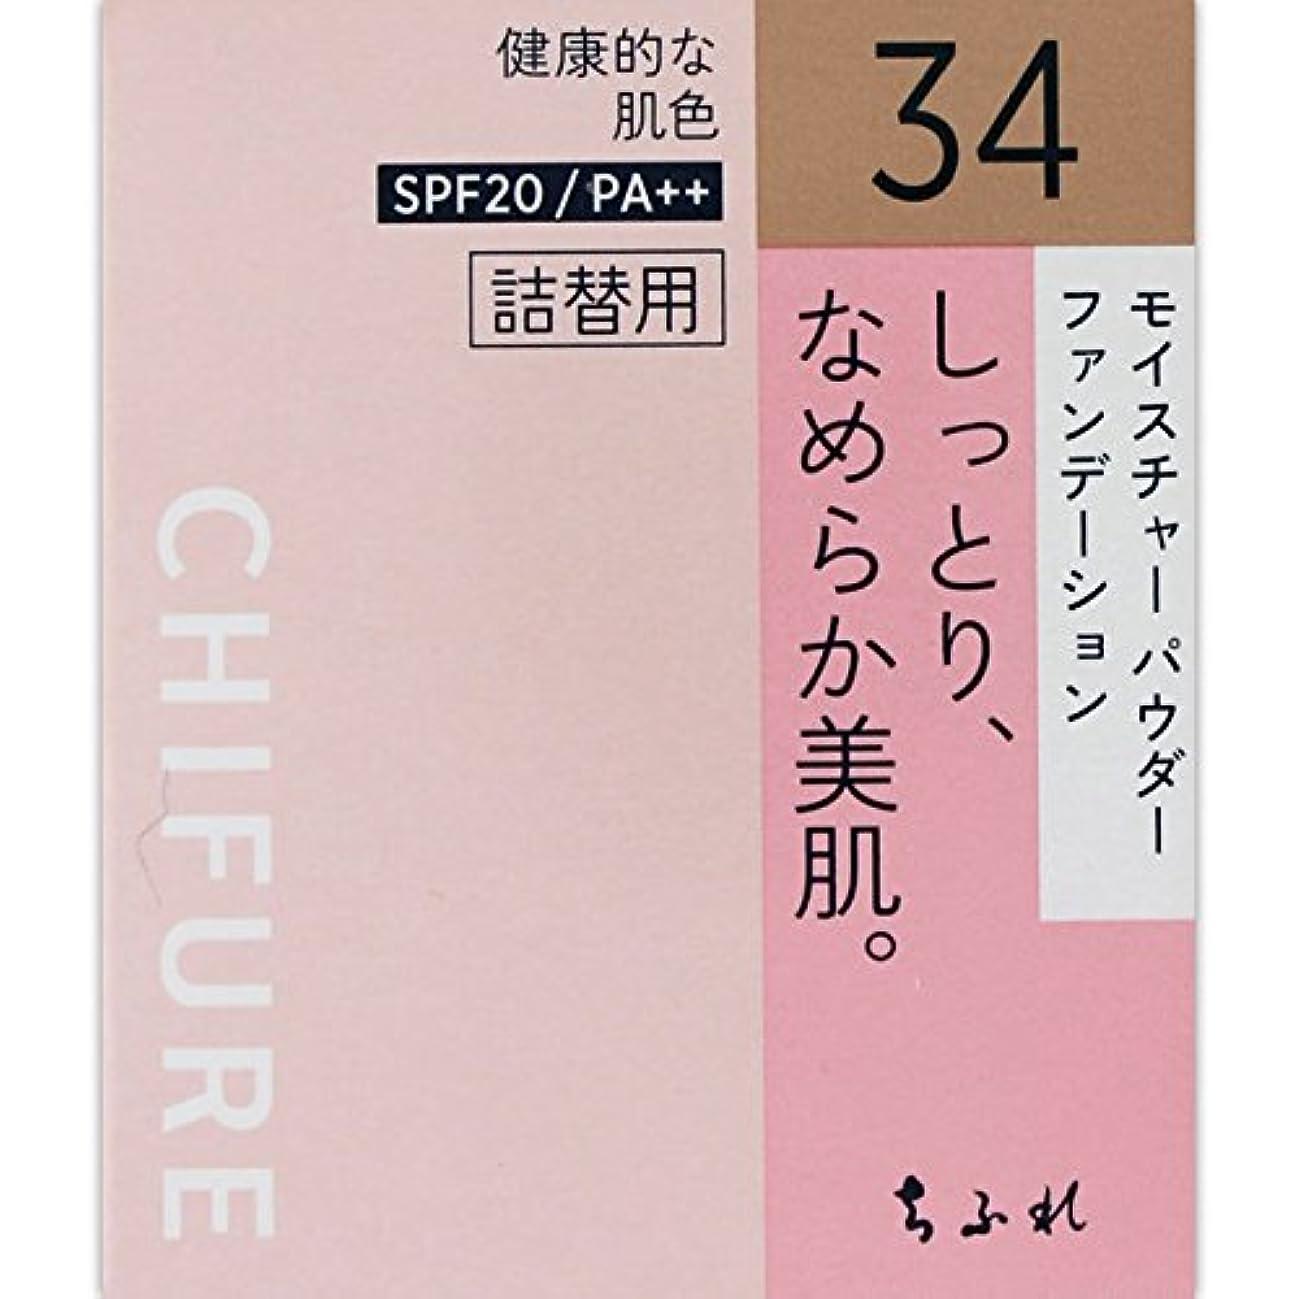 有害なペース不完全ちふれ化粧品 モイスチャー パウダーファンデーション 詰替用 オークル系 MパウダーFD詰替用34